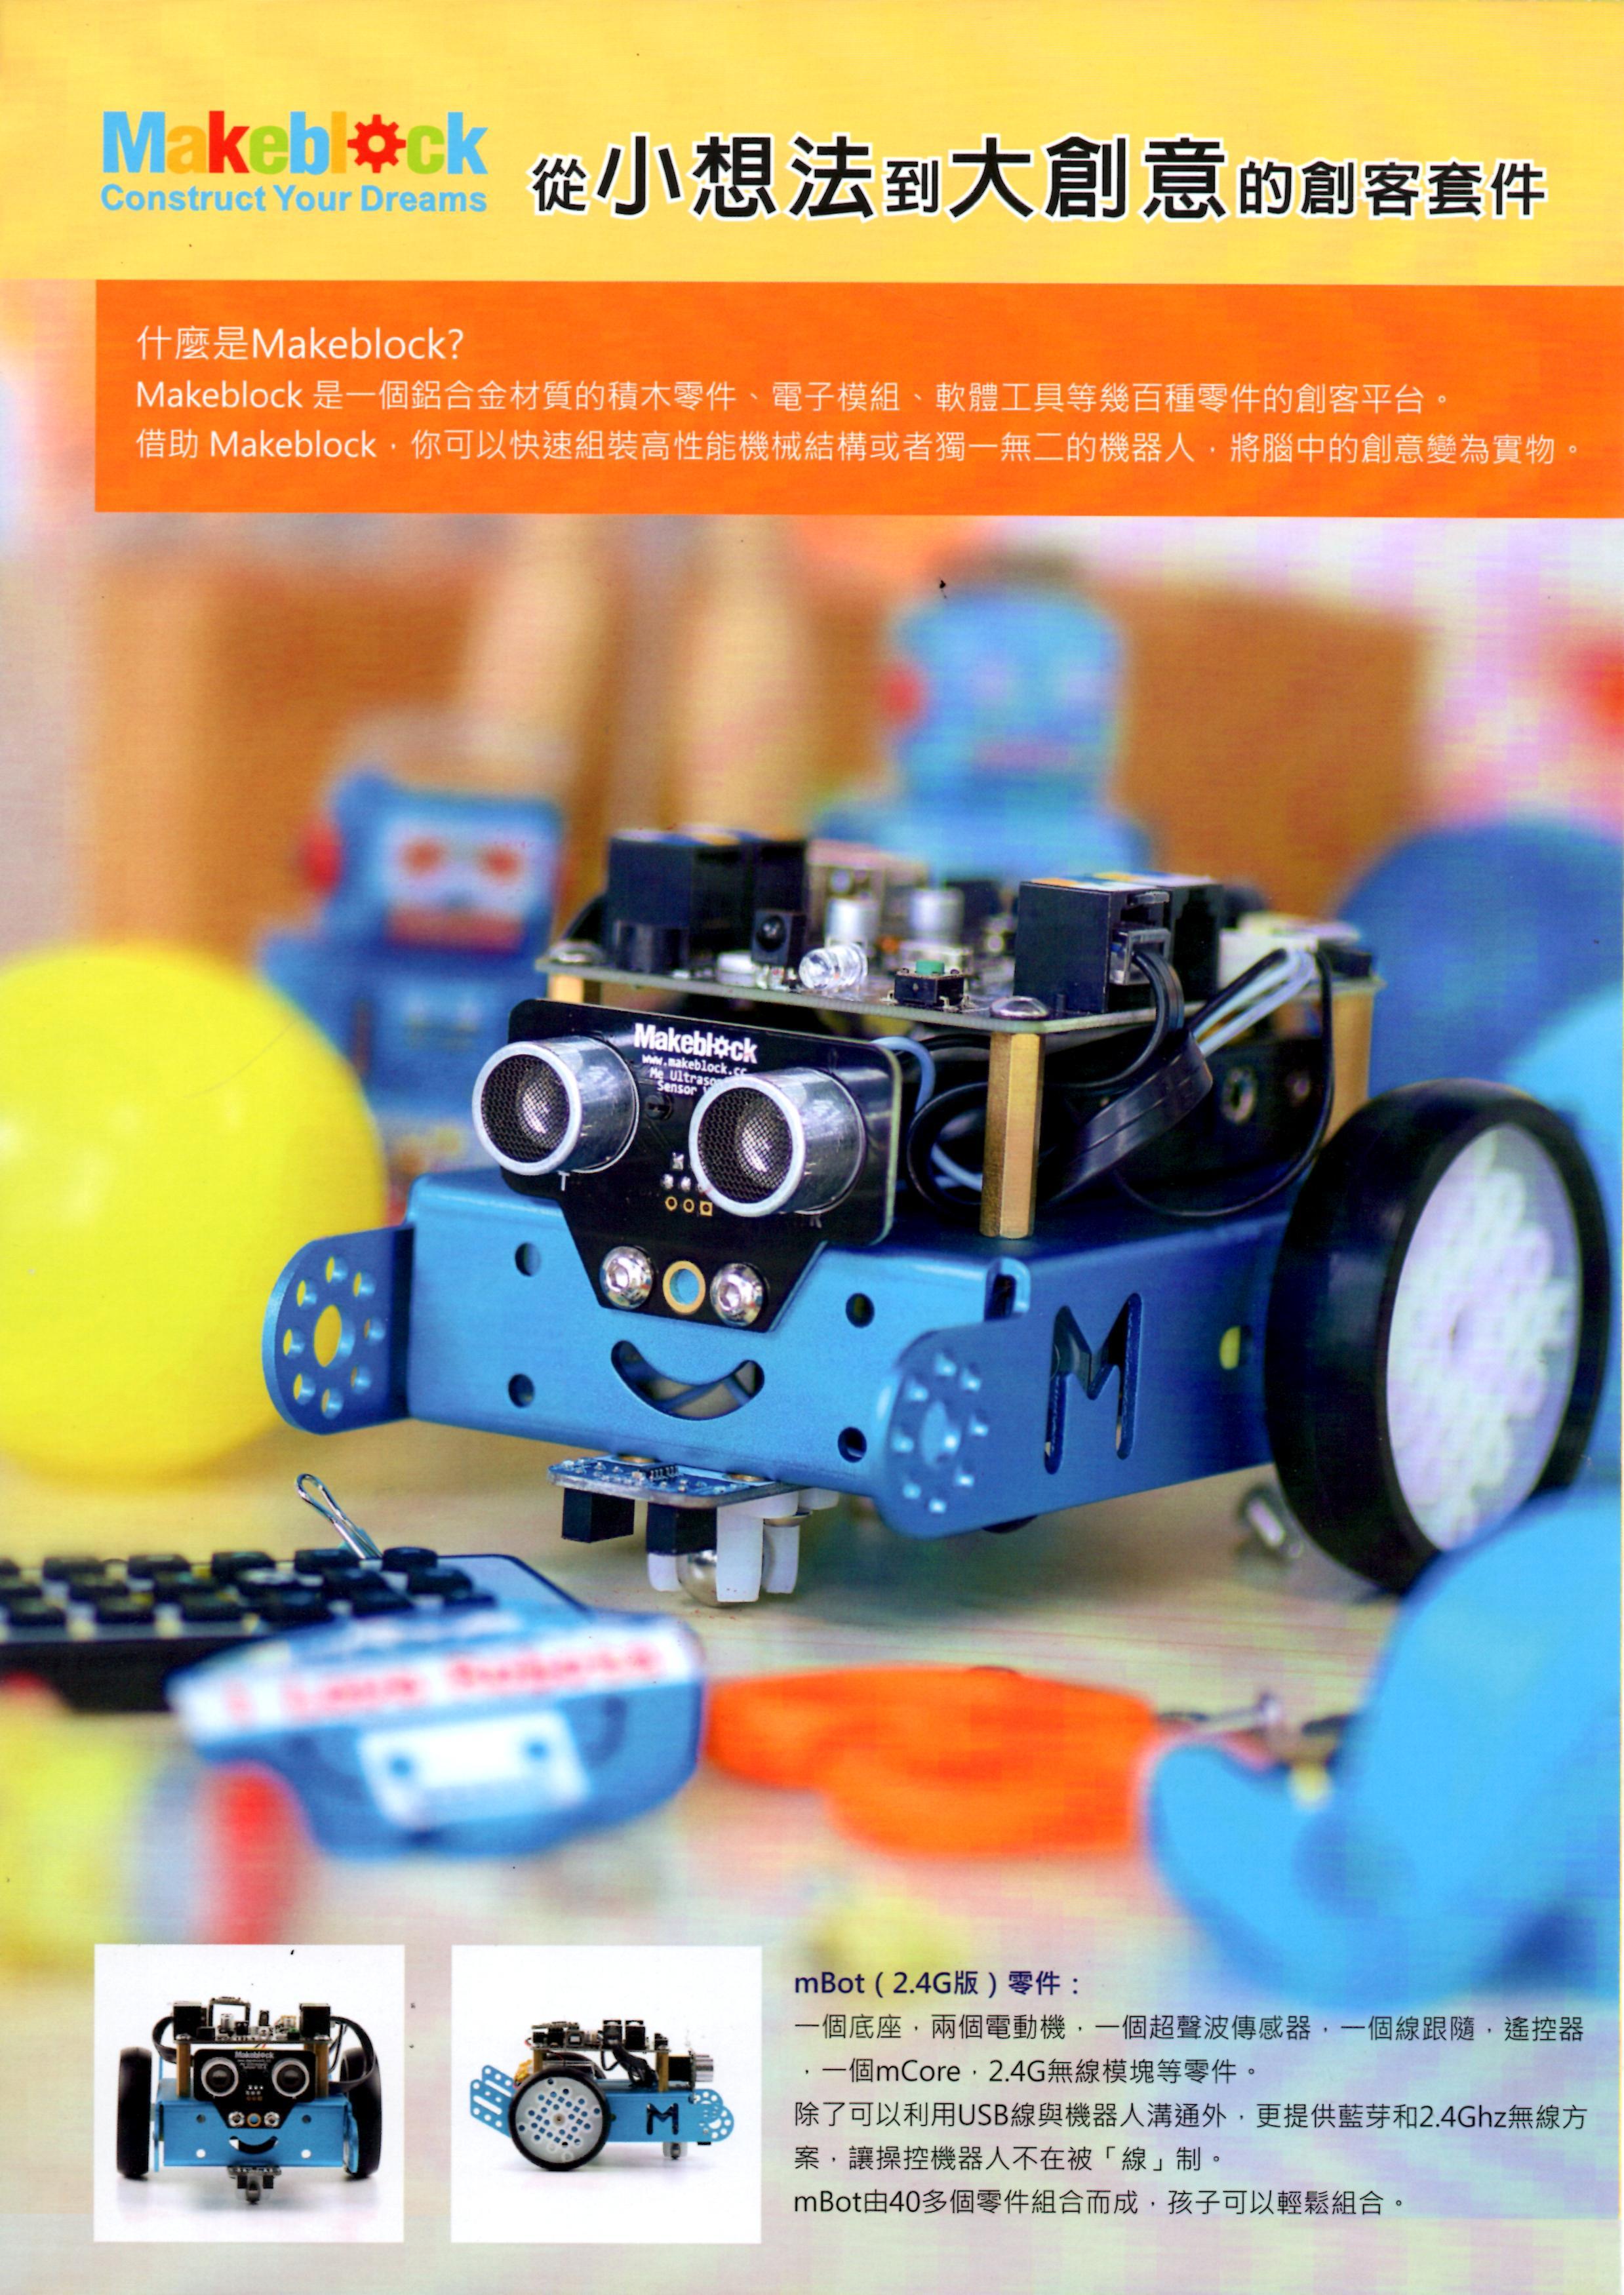 創客教室專區-機器人方案-Mbot 機器人程式教育